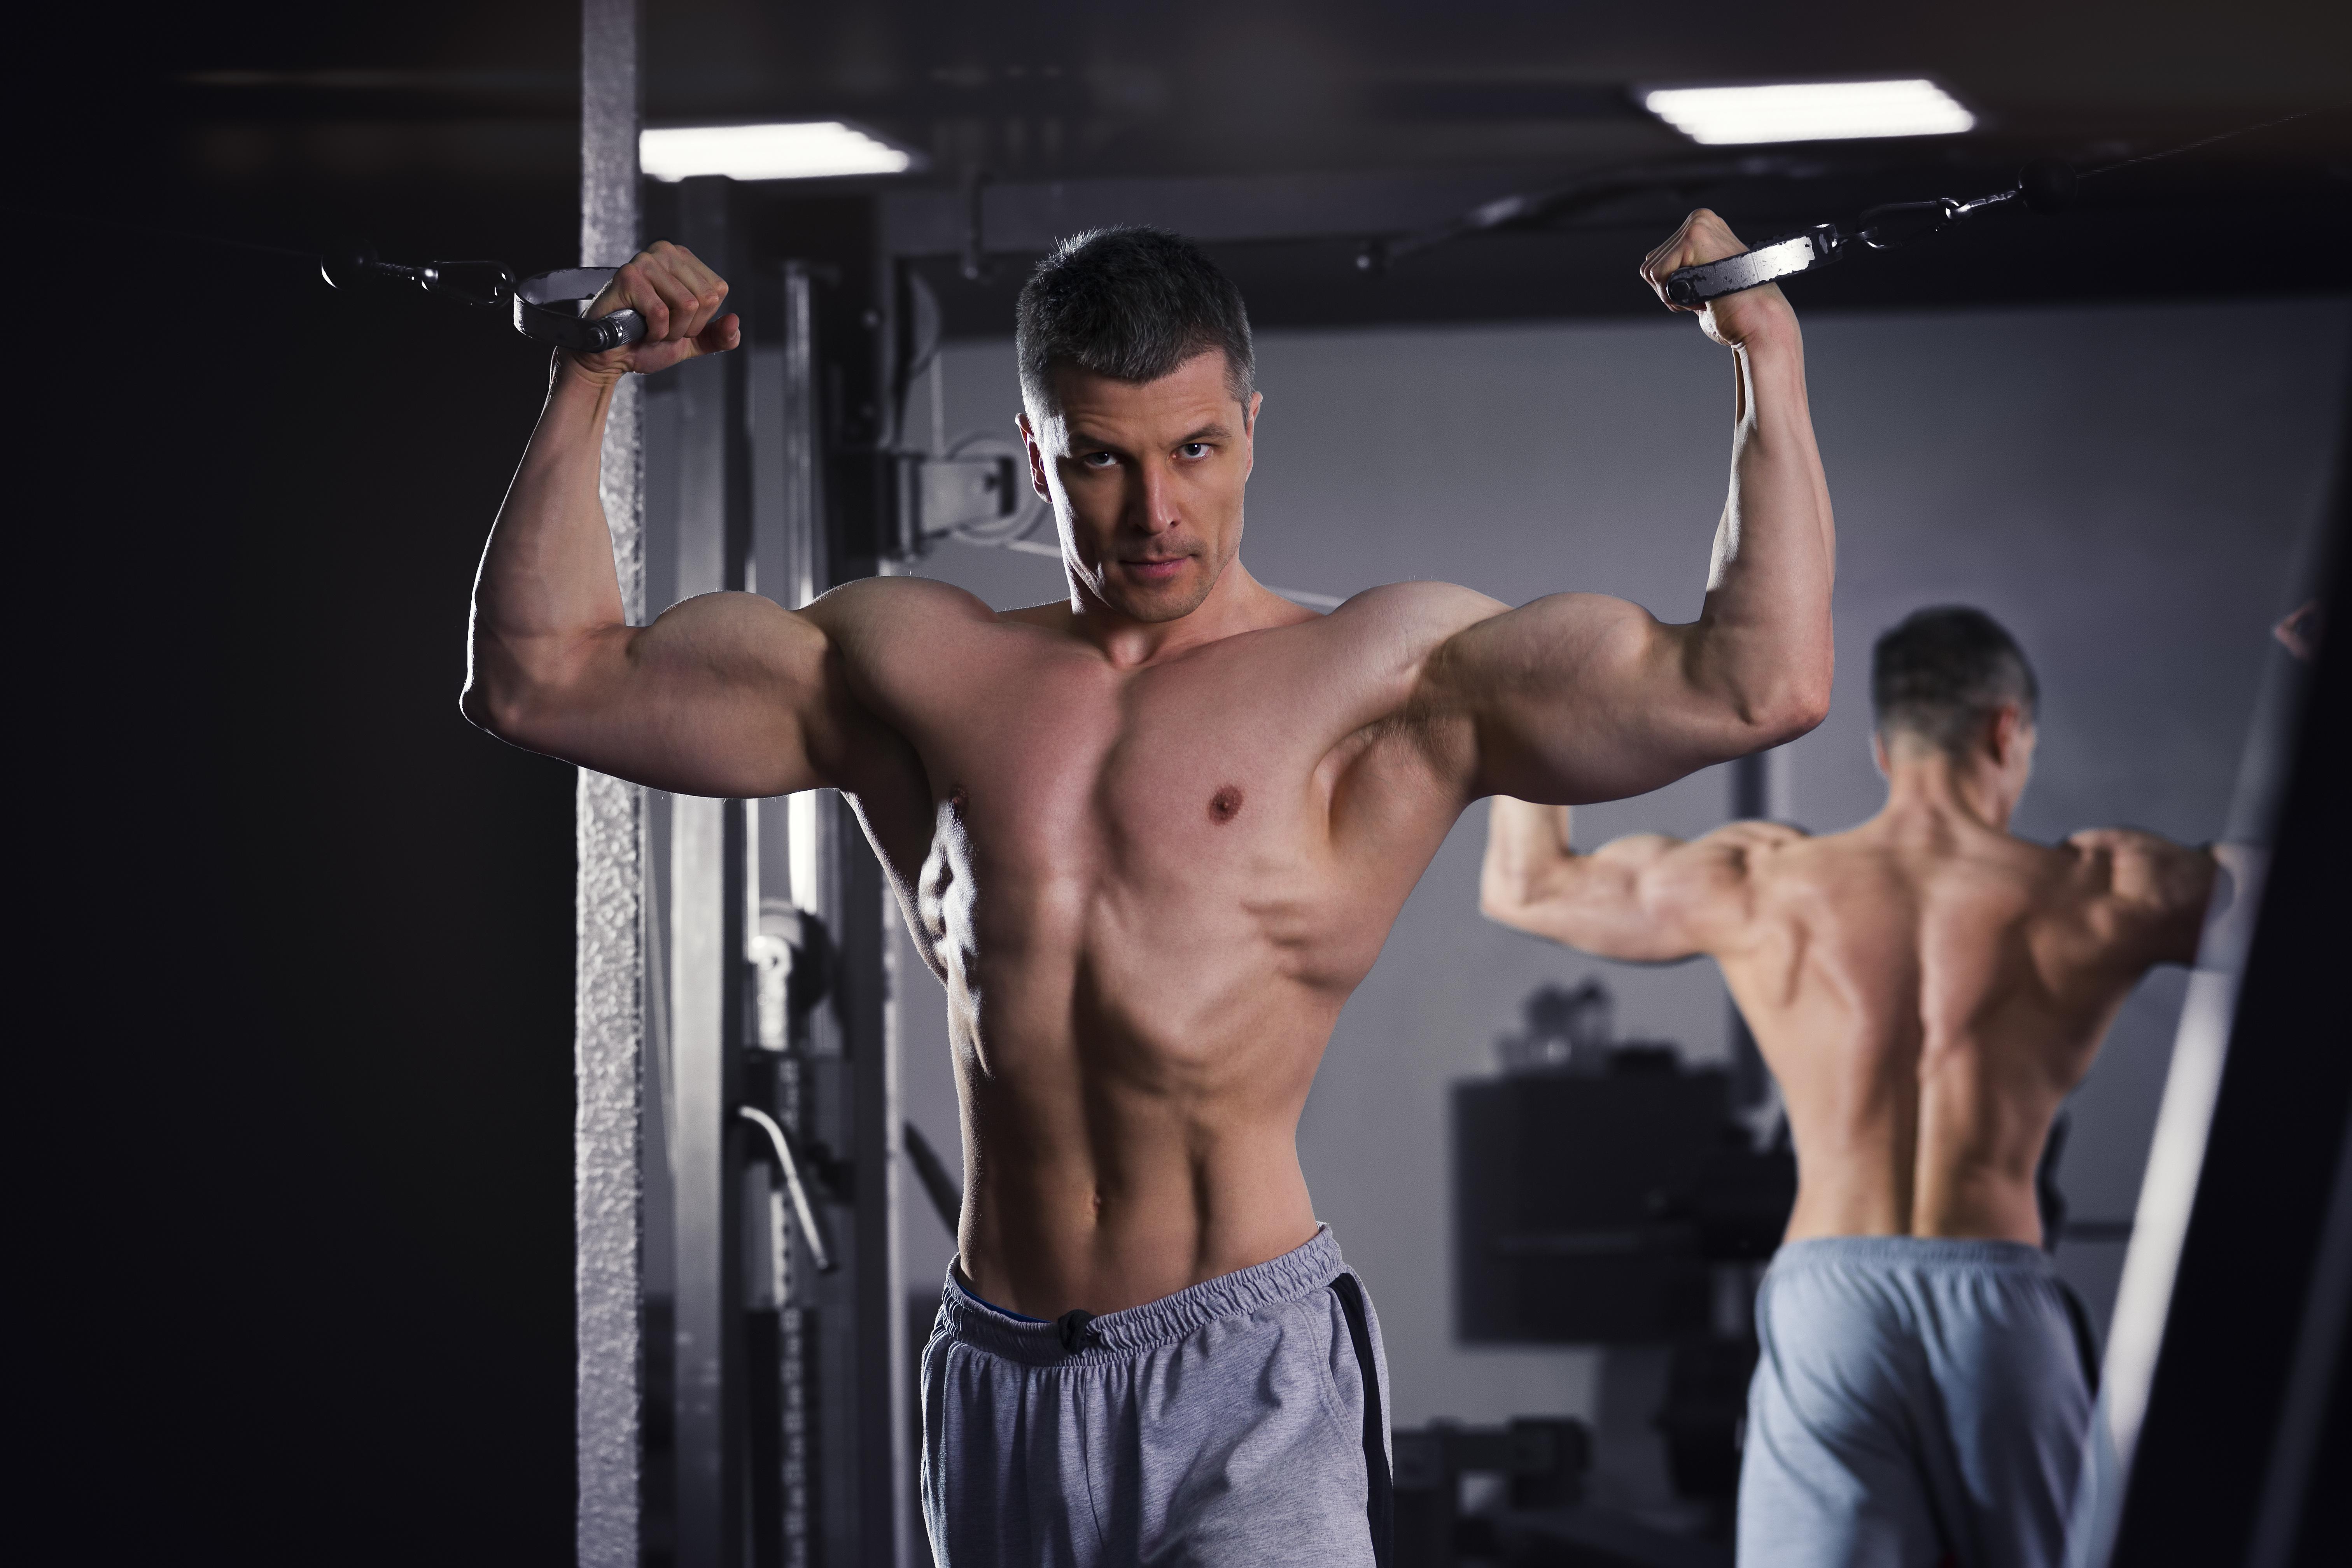 完璧な筋肉男性の体